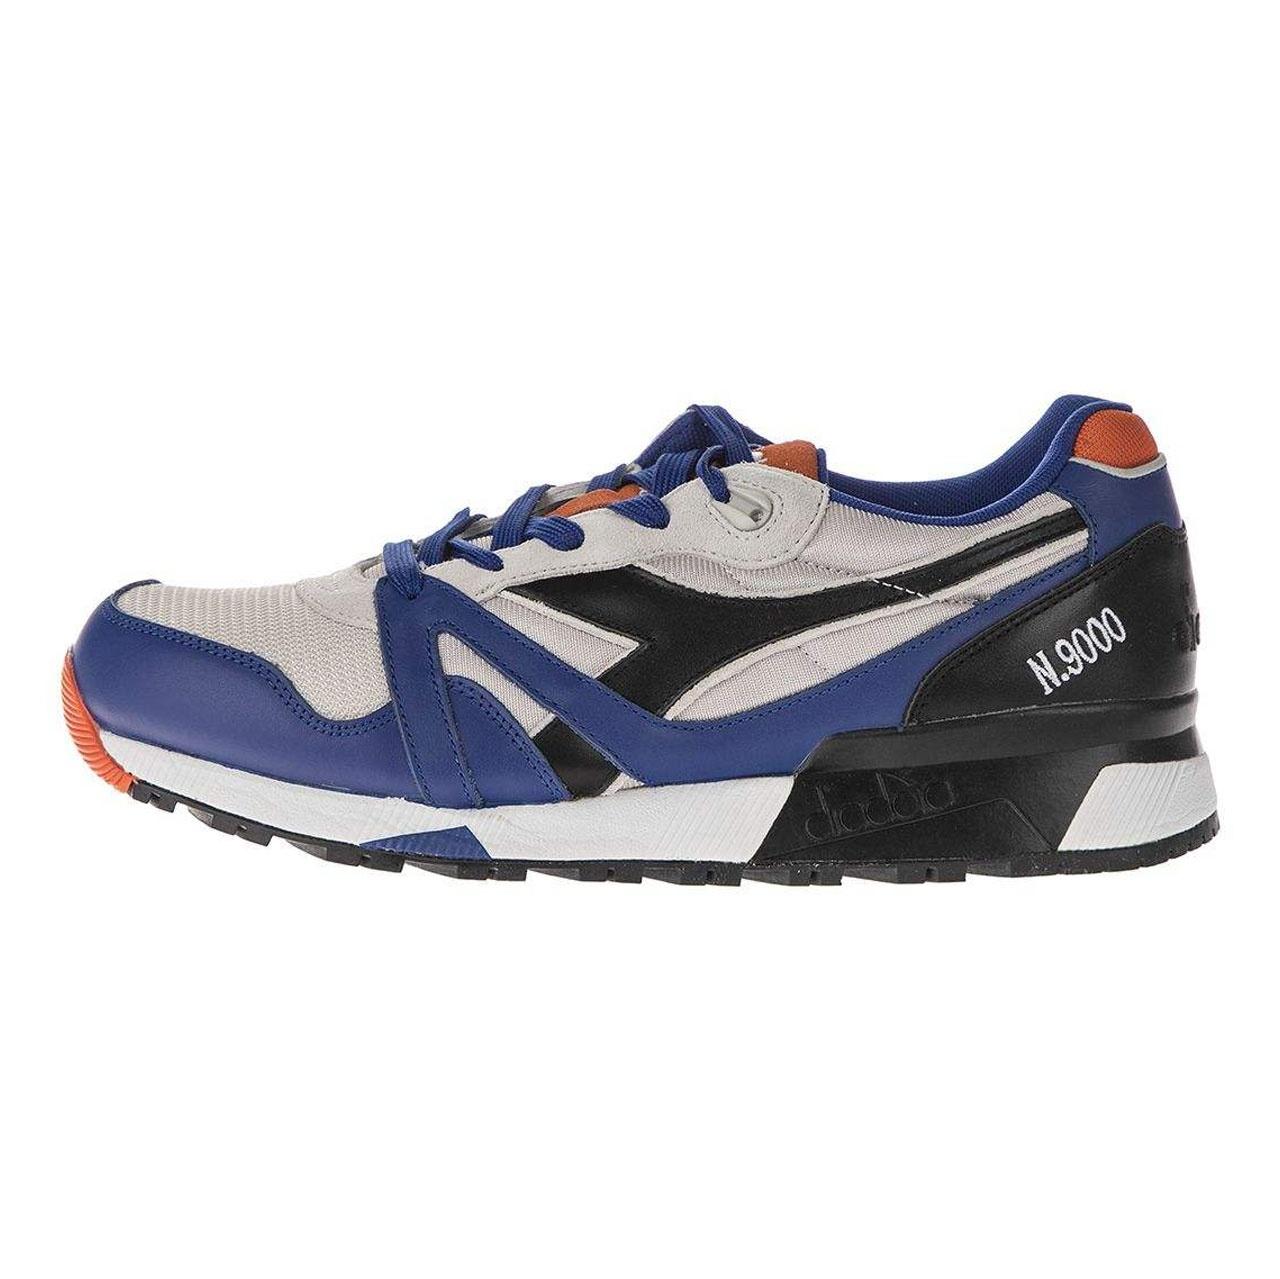 کفش مخصوص پیاده روی مردانه دیادورا مدل LS 6006